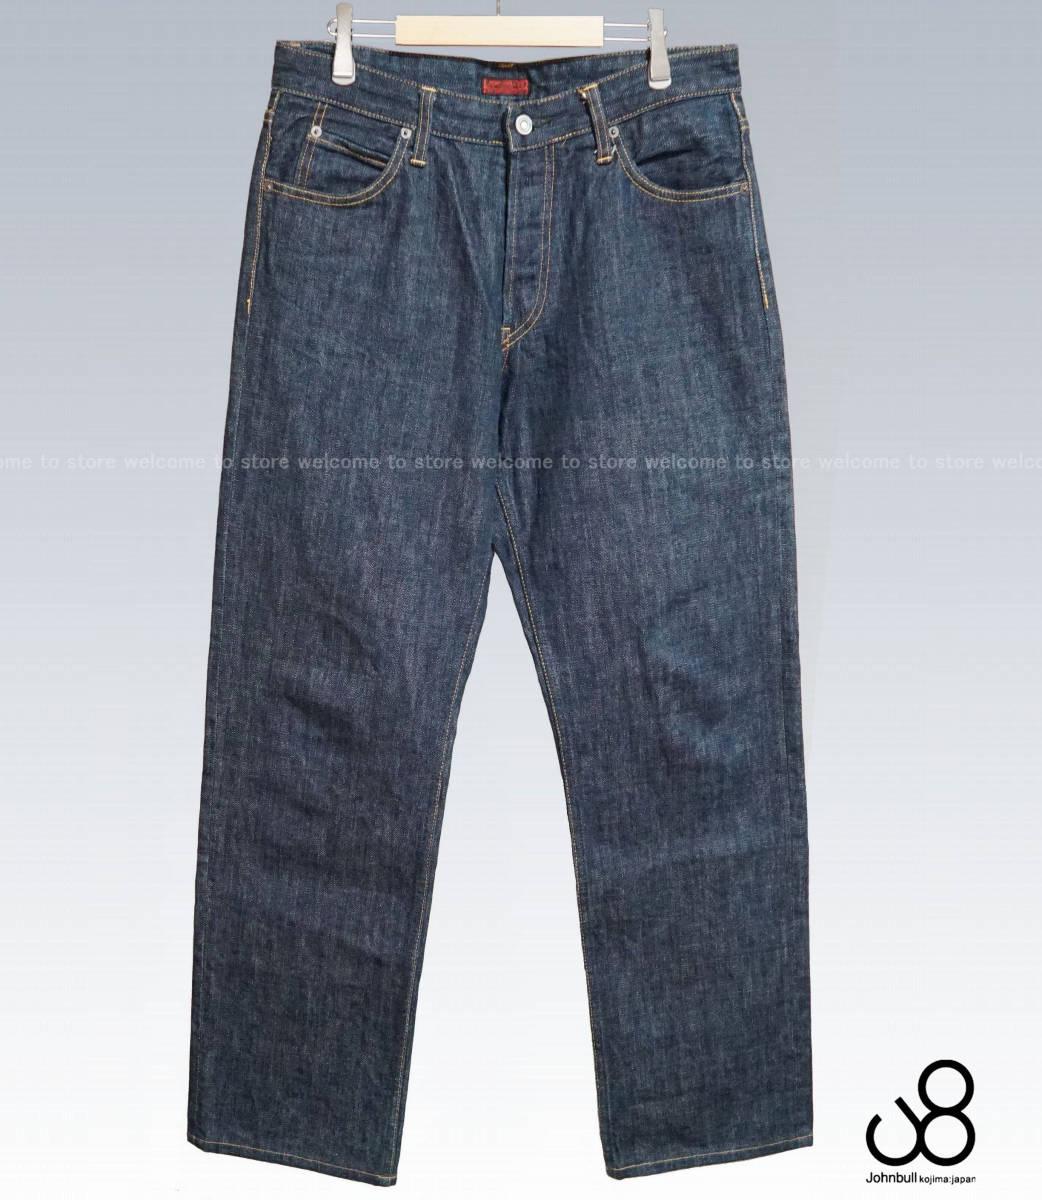 ■■美品JOHNBULL(ジョンブル) ボタンフライストレートジーンズ(L)■■